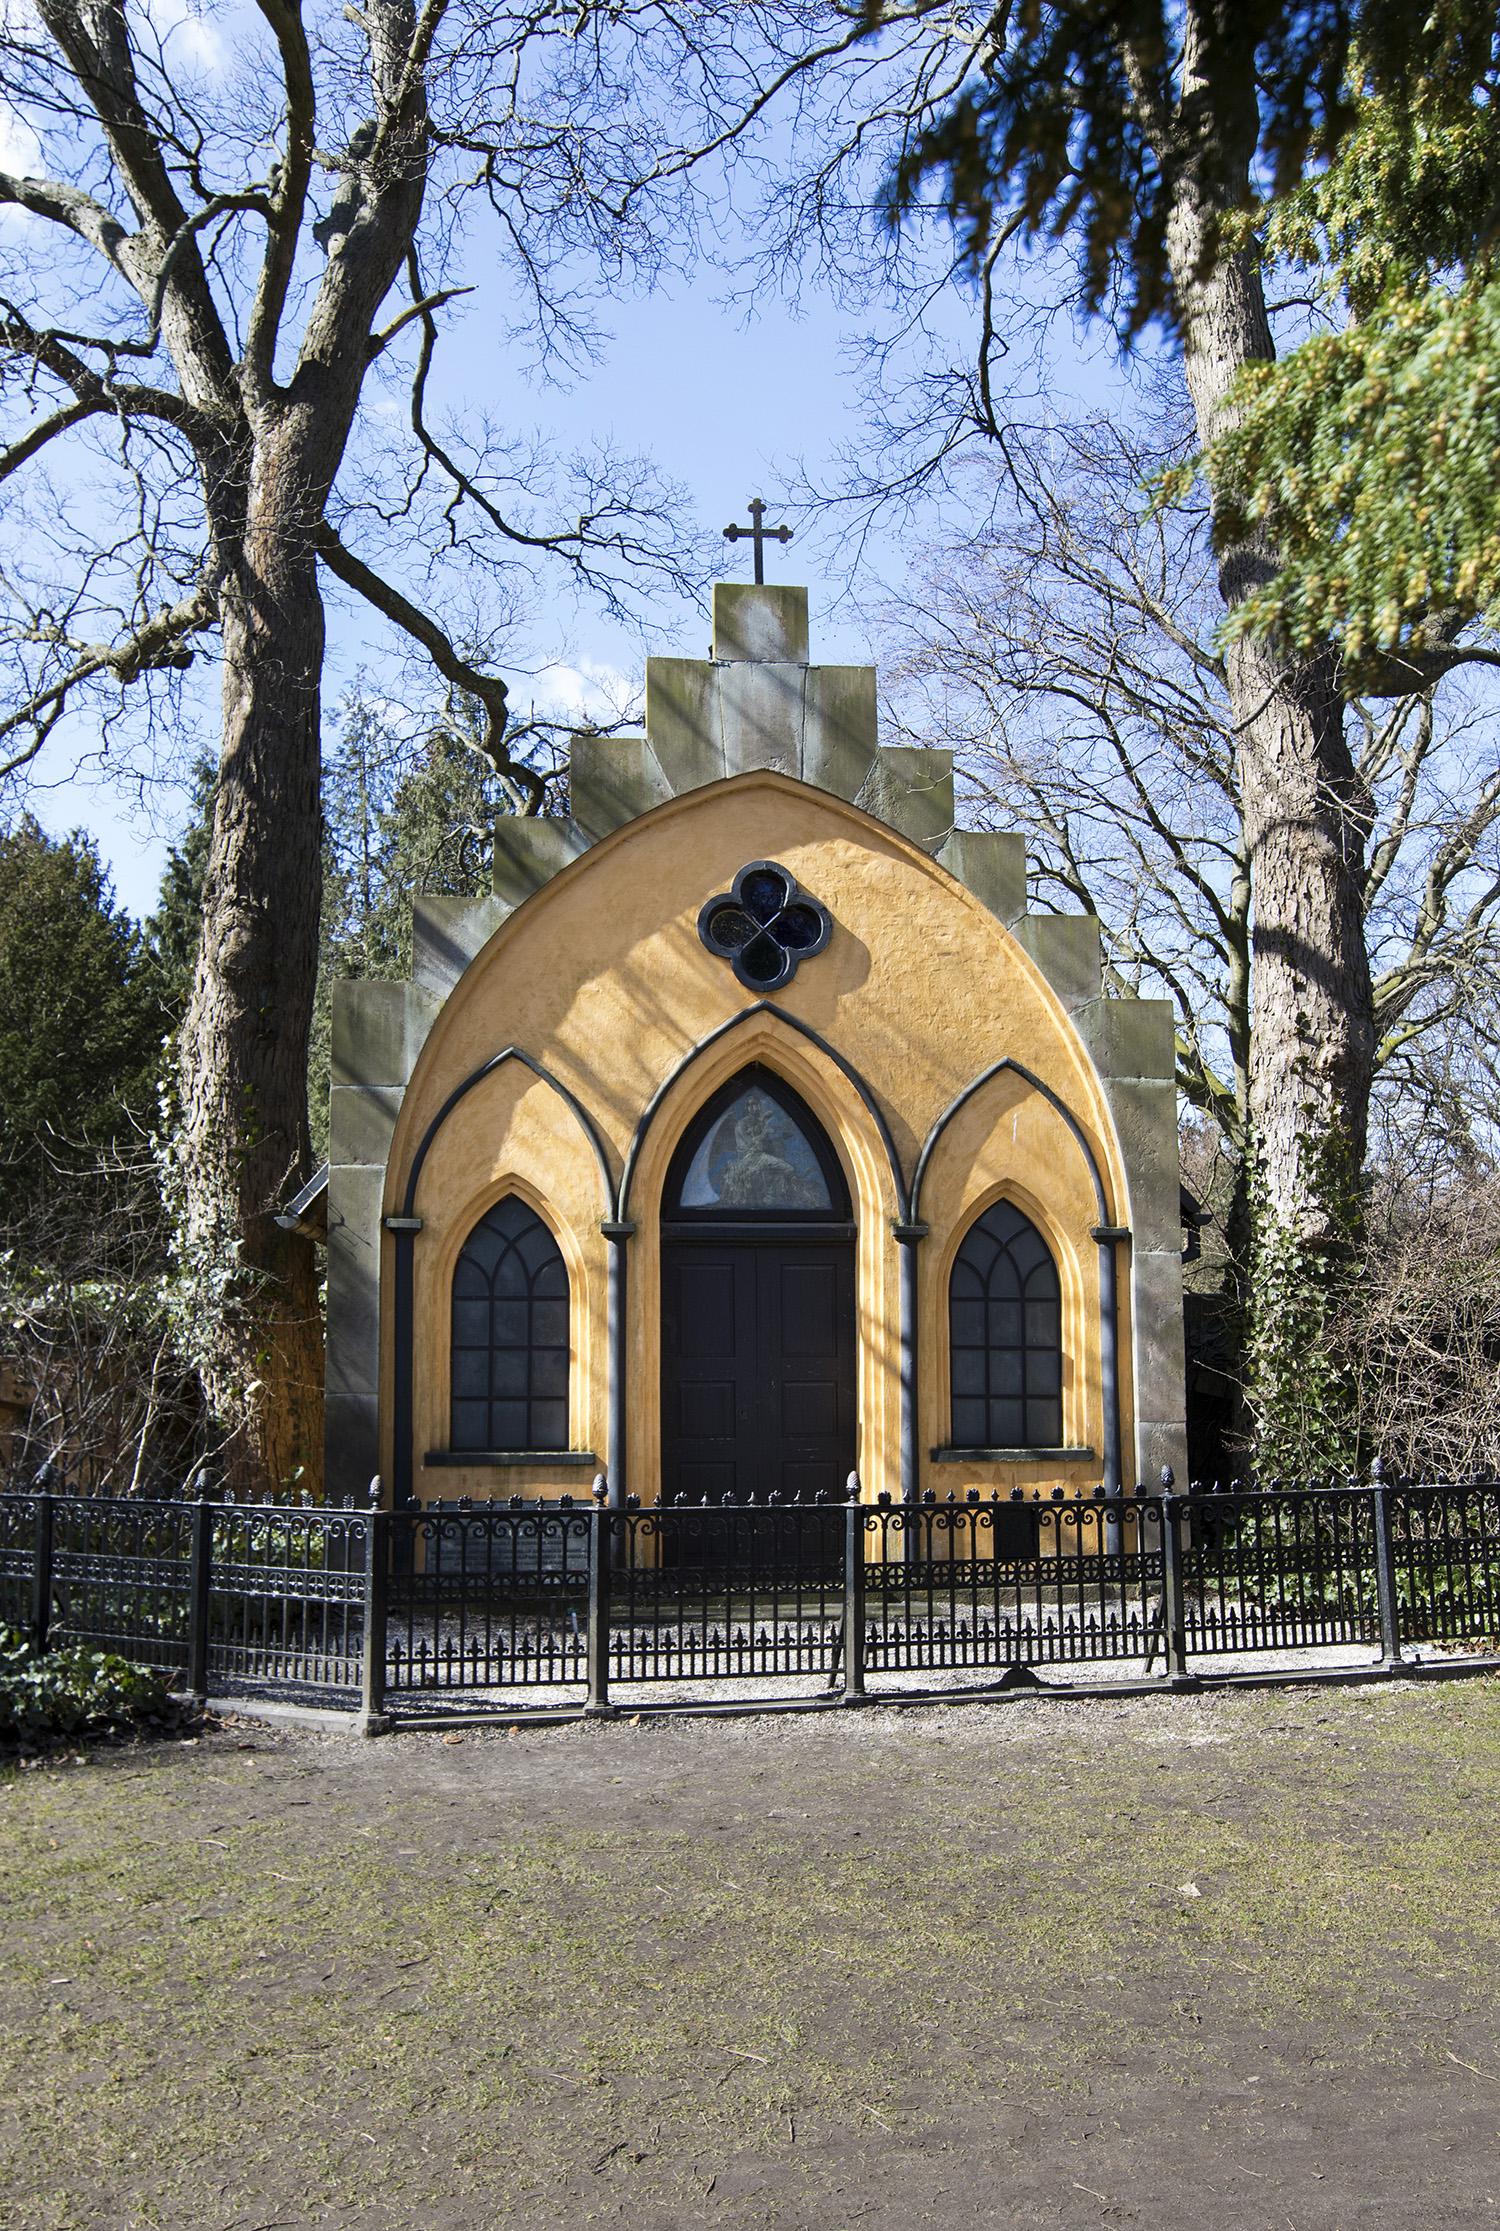 Peter von Scholtens gravsted på Assistens Kirkegården i København. Mausoleumet blev erklæret bevaringsværdigt i 1973 og er det eneste bevarede af sin slags på kirkegården. Photo © I DO ART Agency.